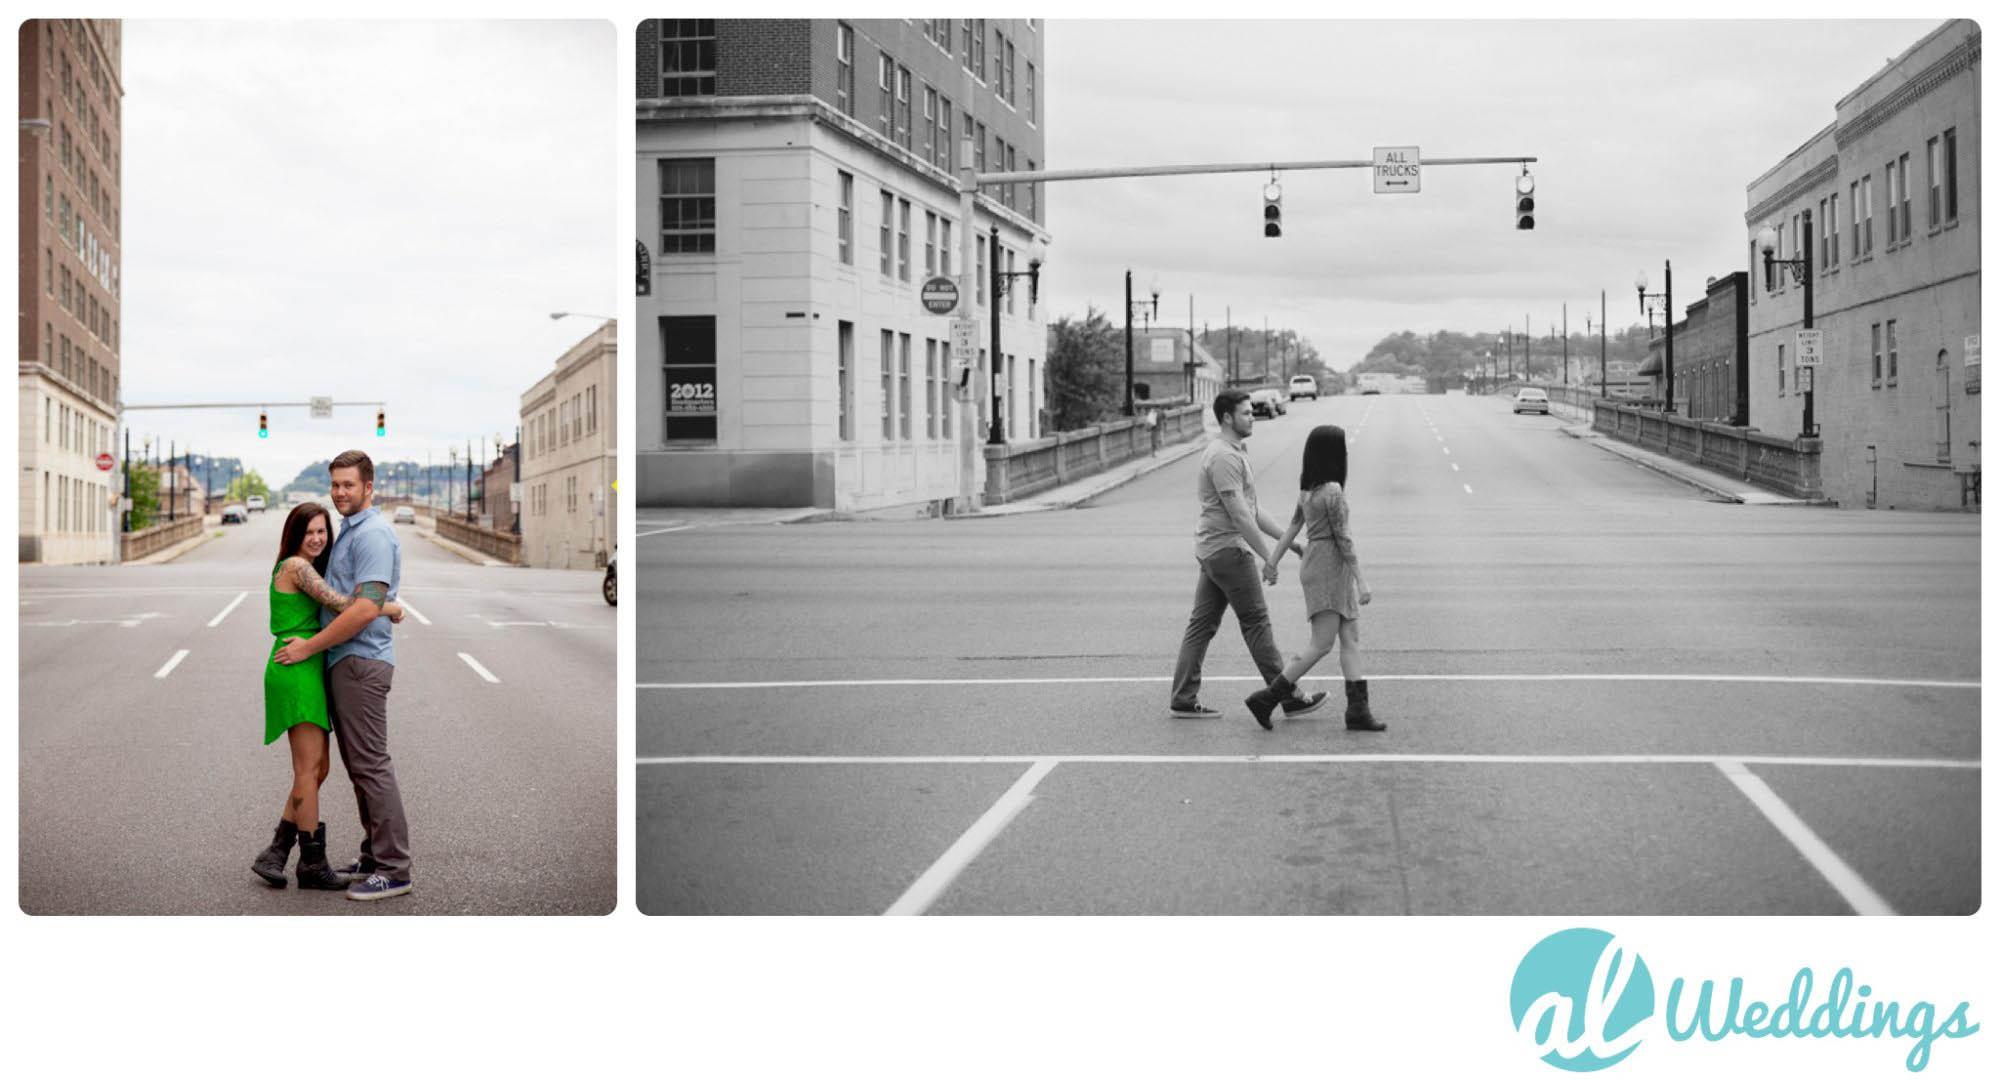 Alabama,Birmingham,engagement,morris avenue,